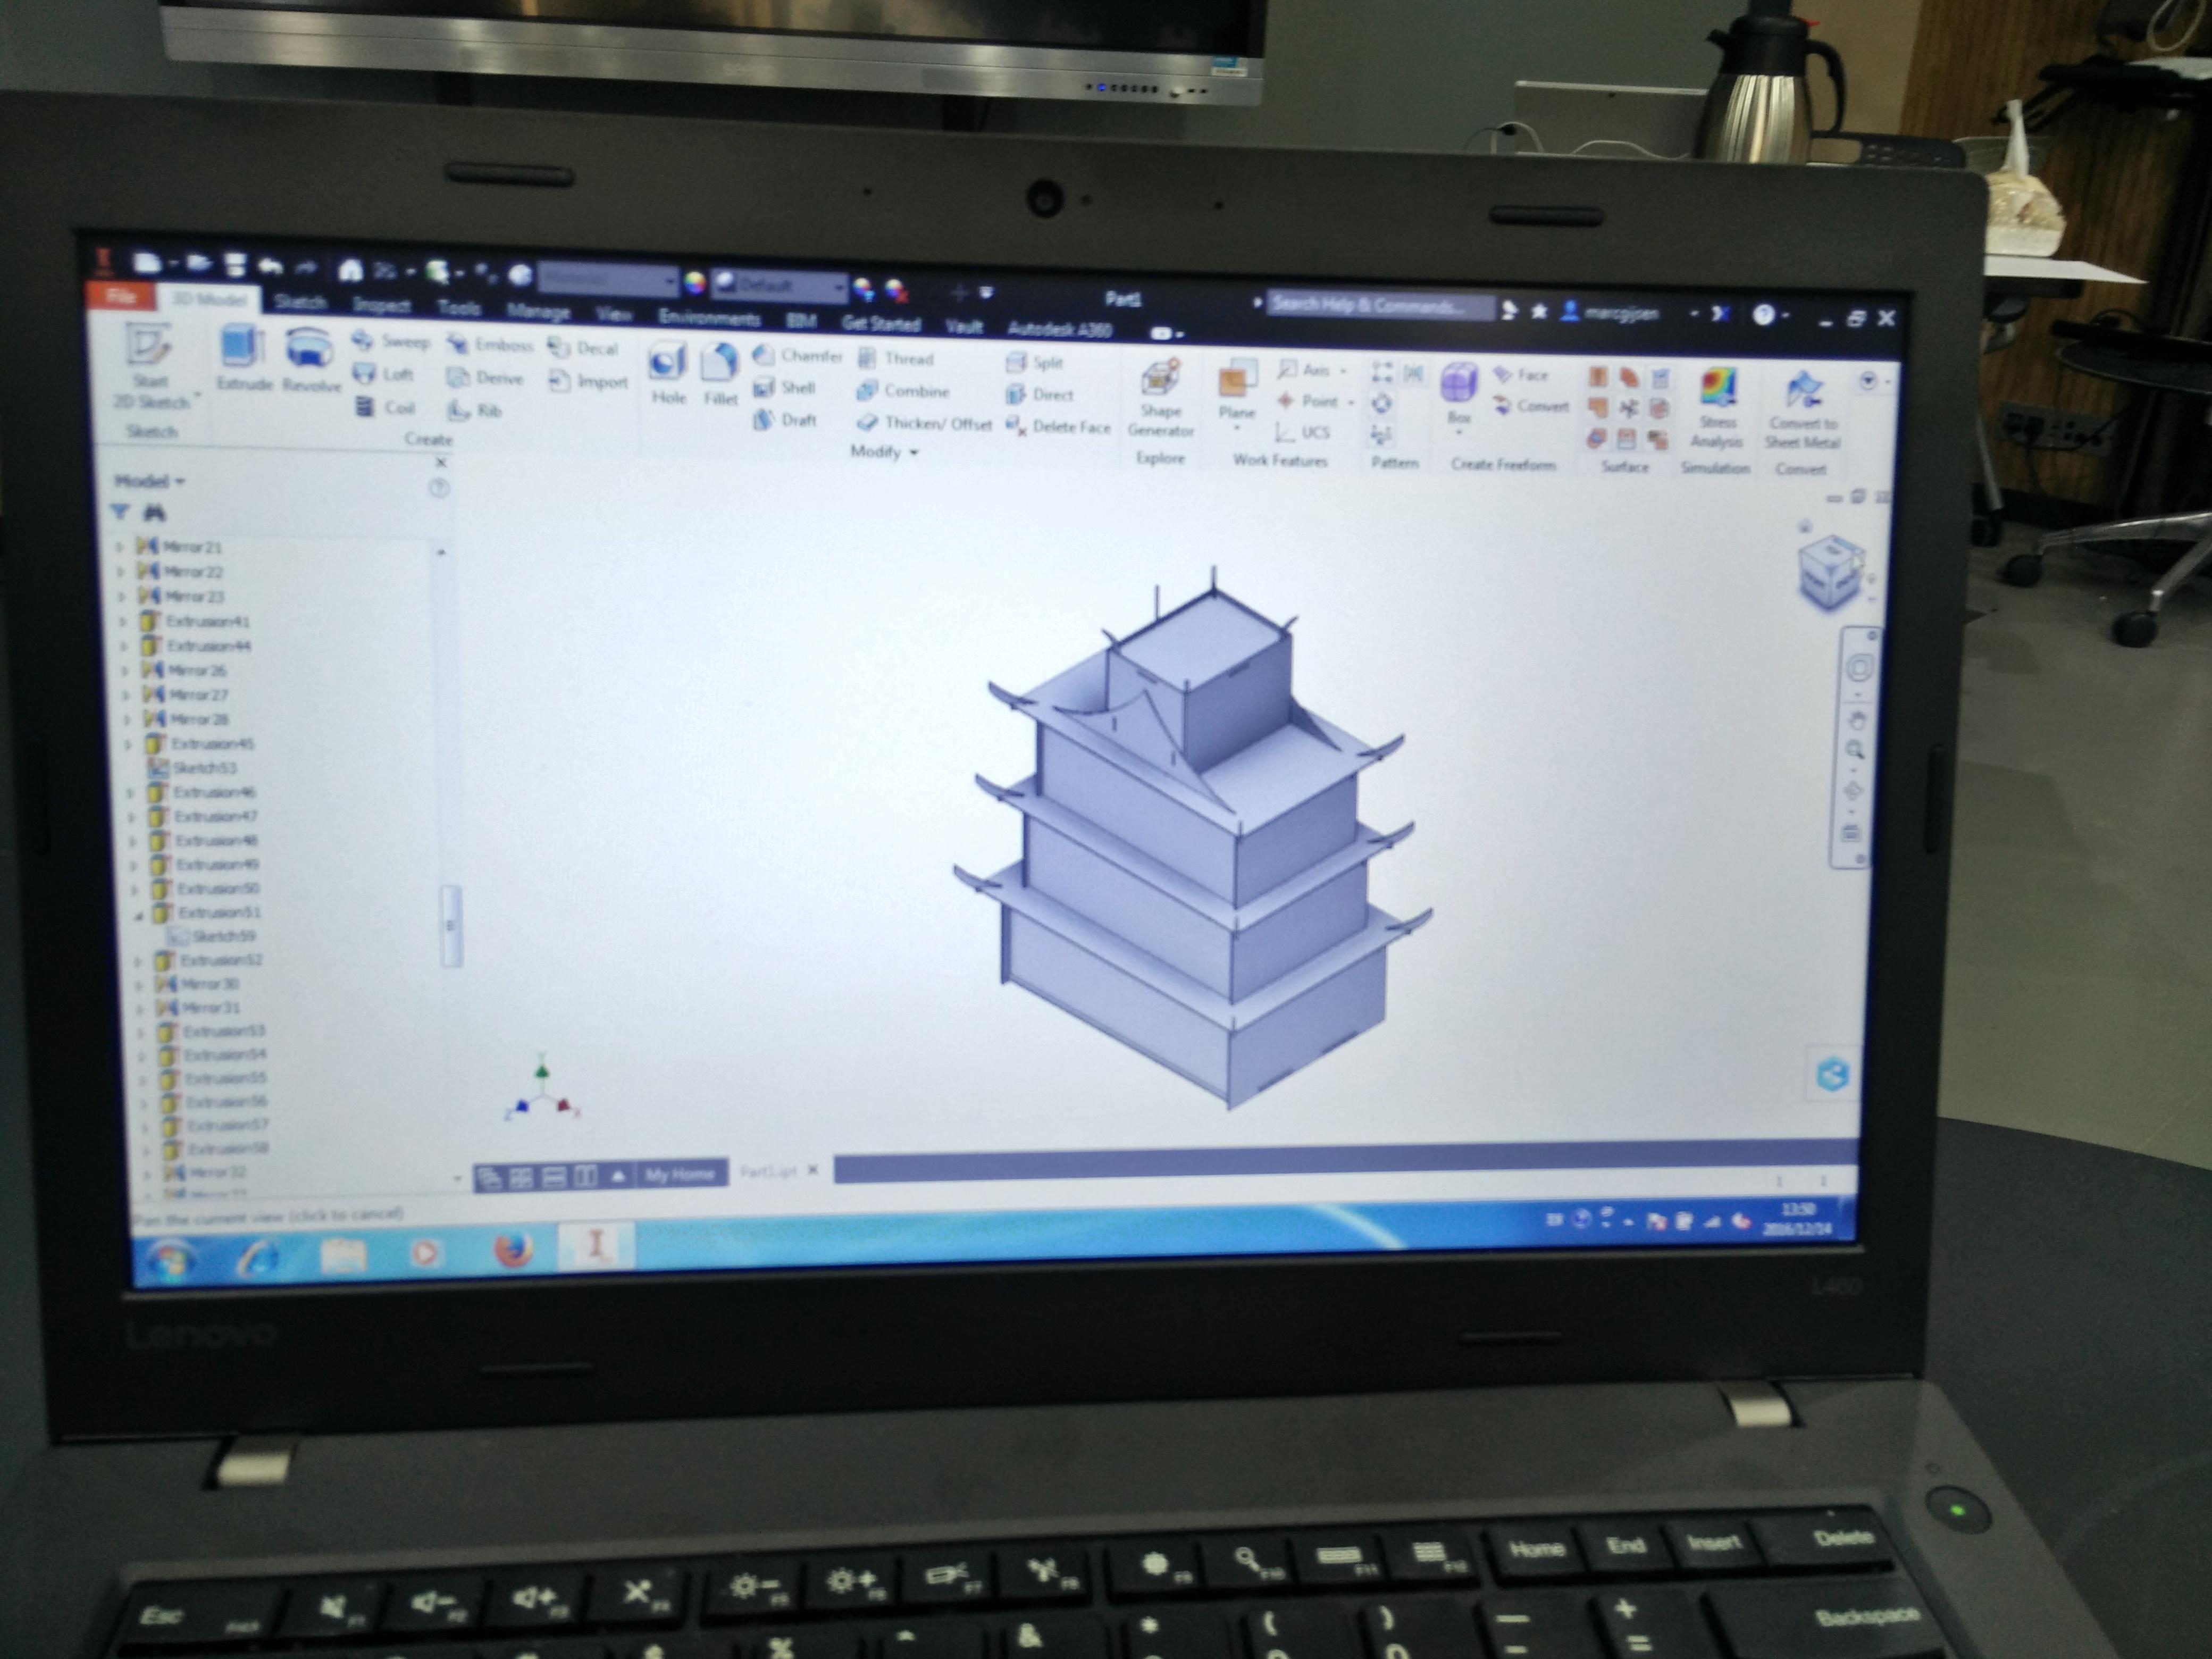 Een foto van een opbergbox die in de ontwerpfase zit